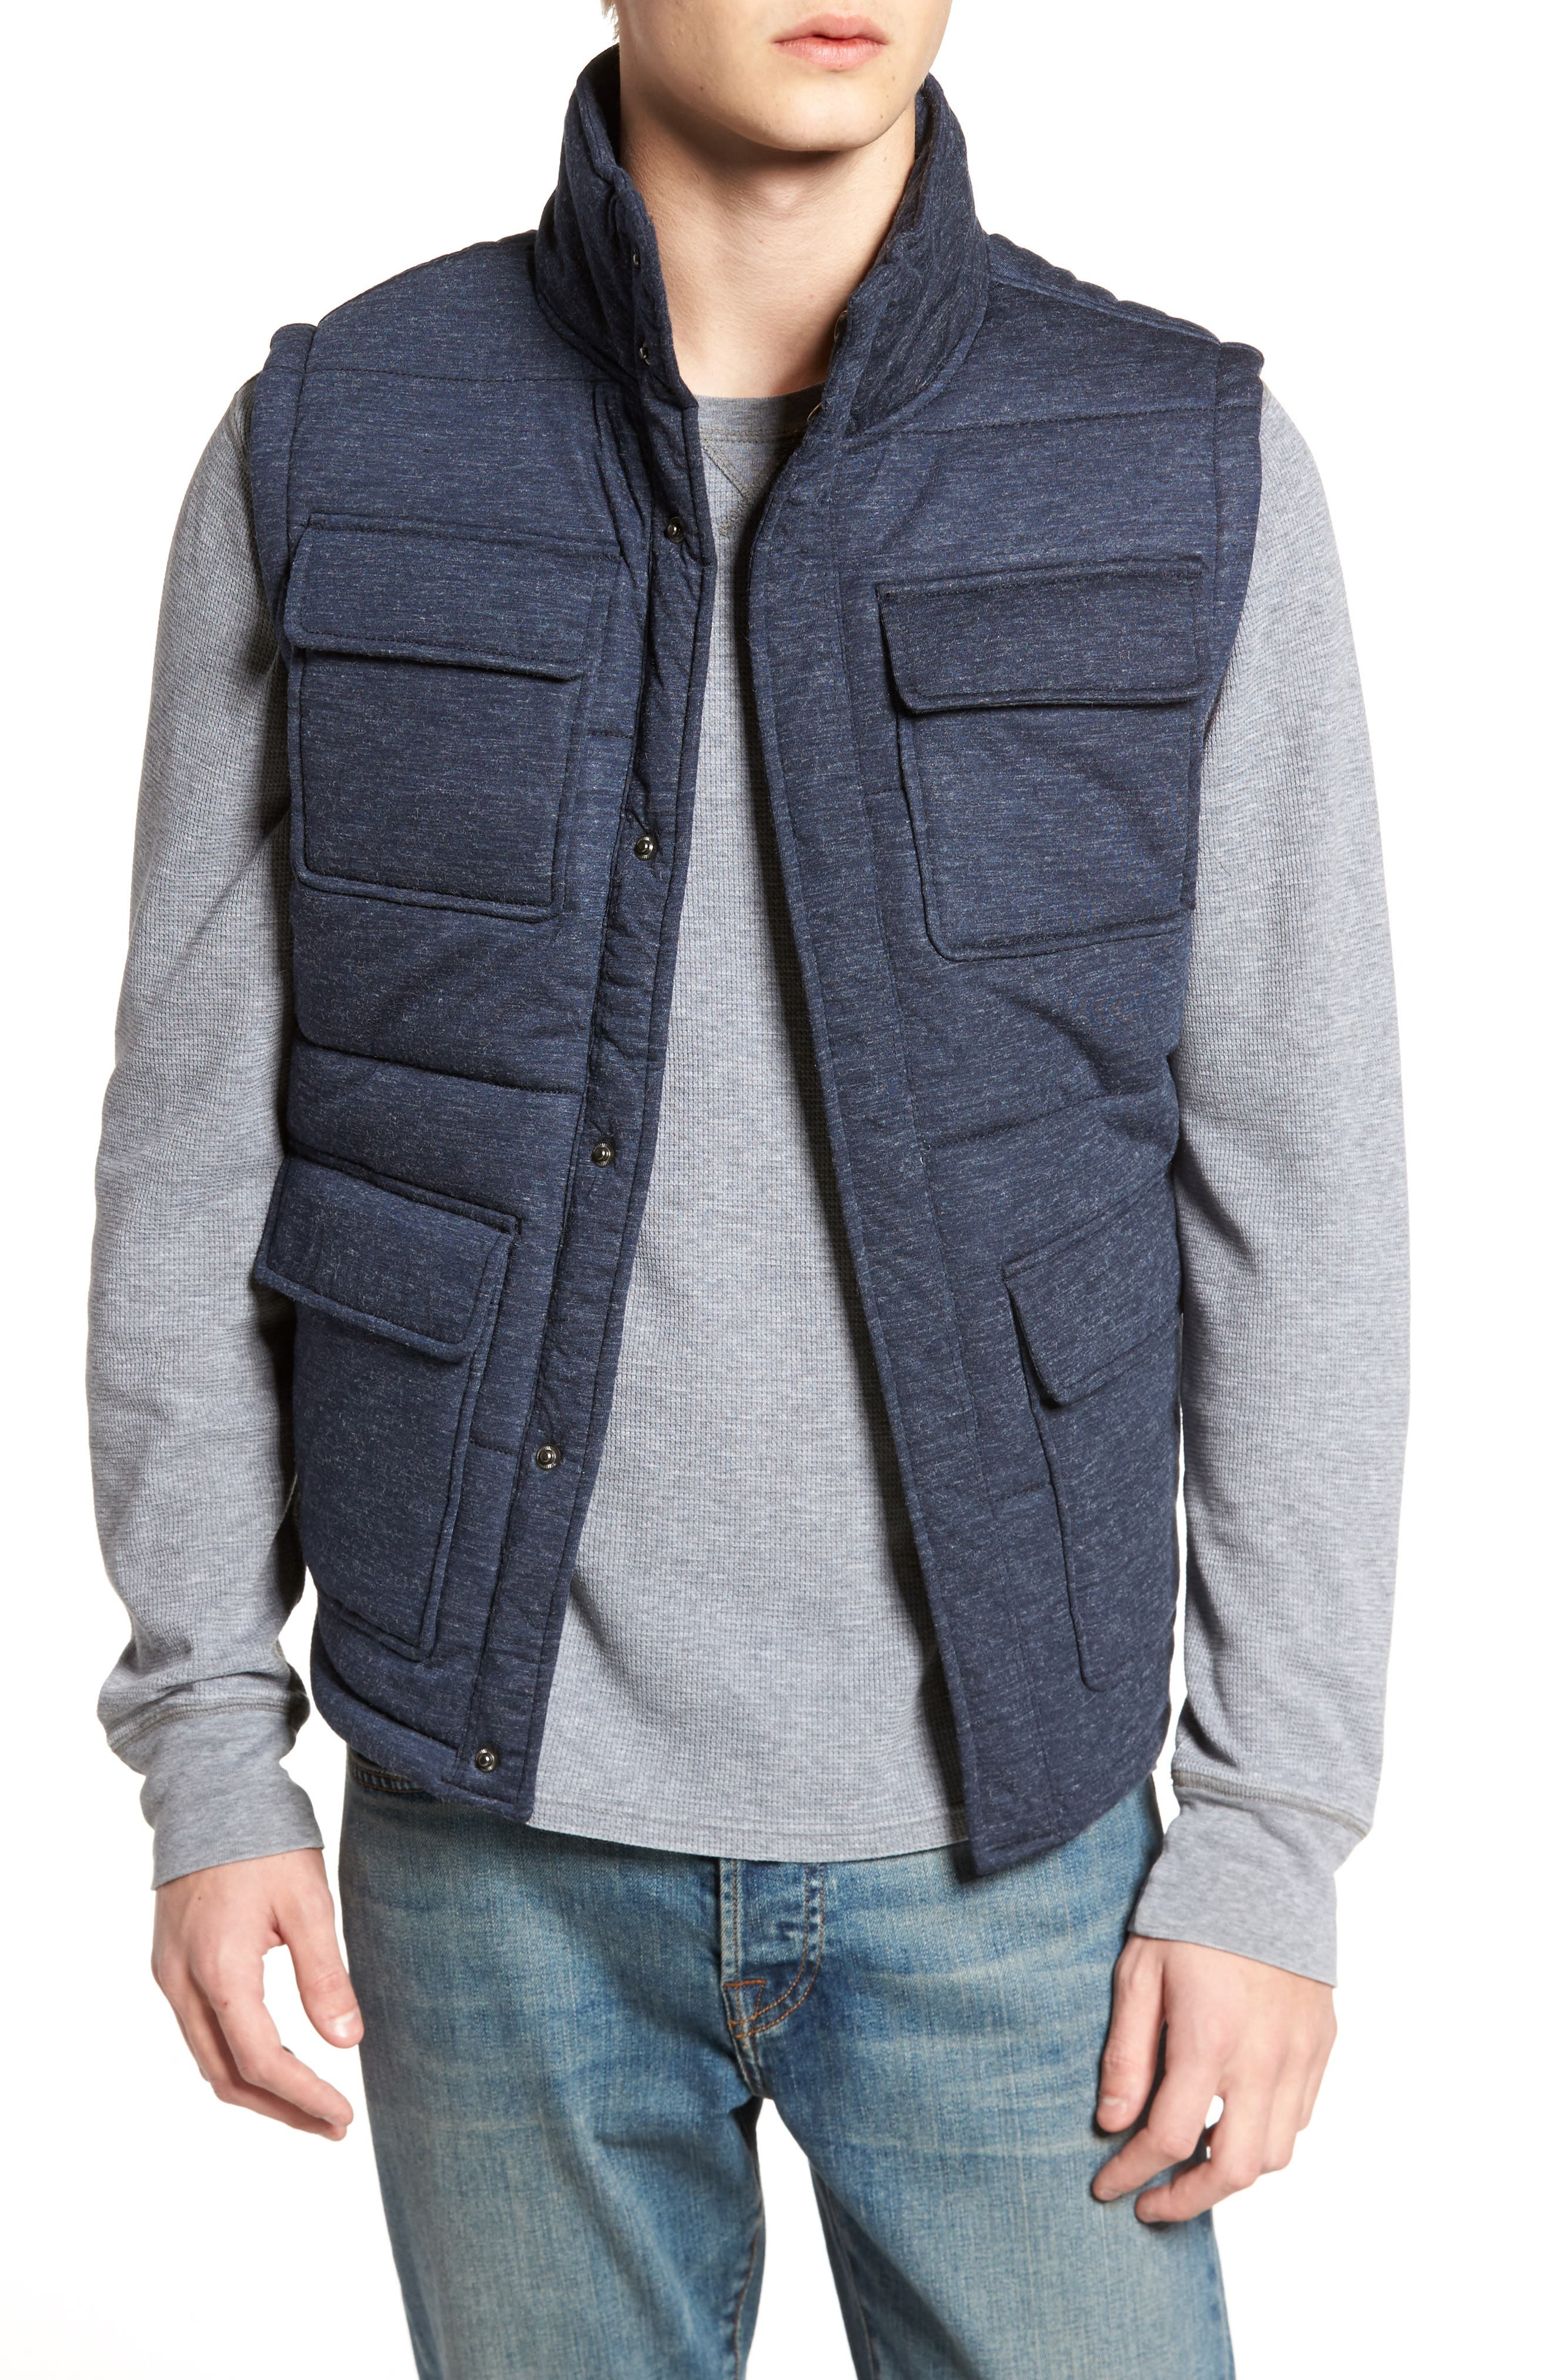 Main Image - Tunellus Four-Pocket Vest